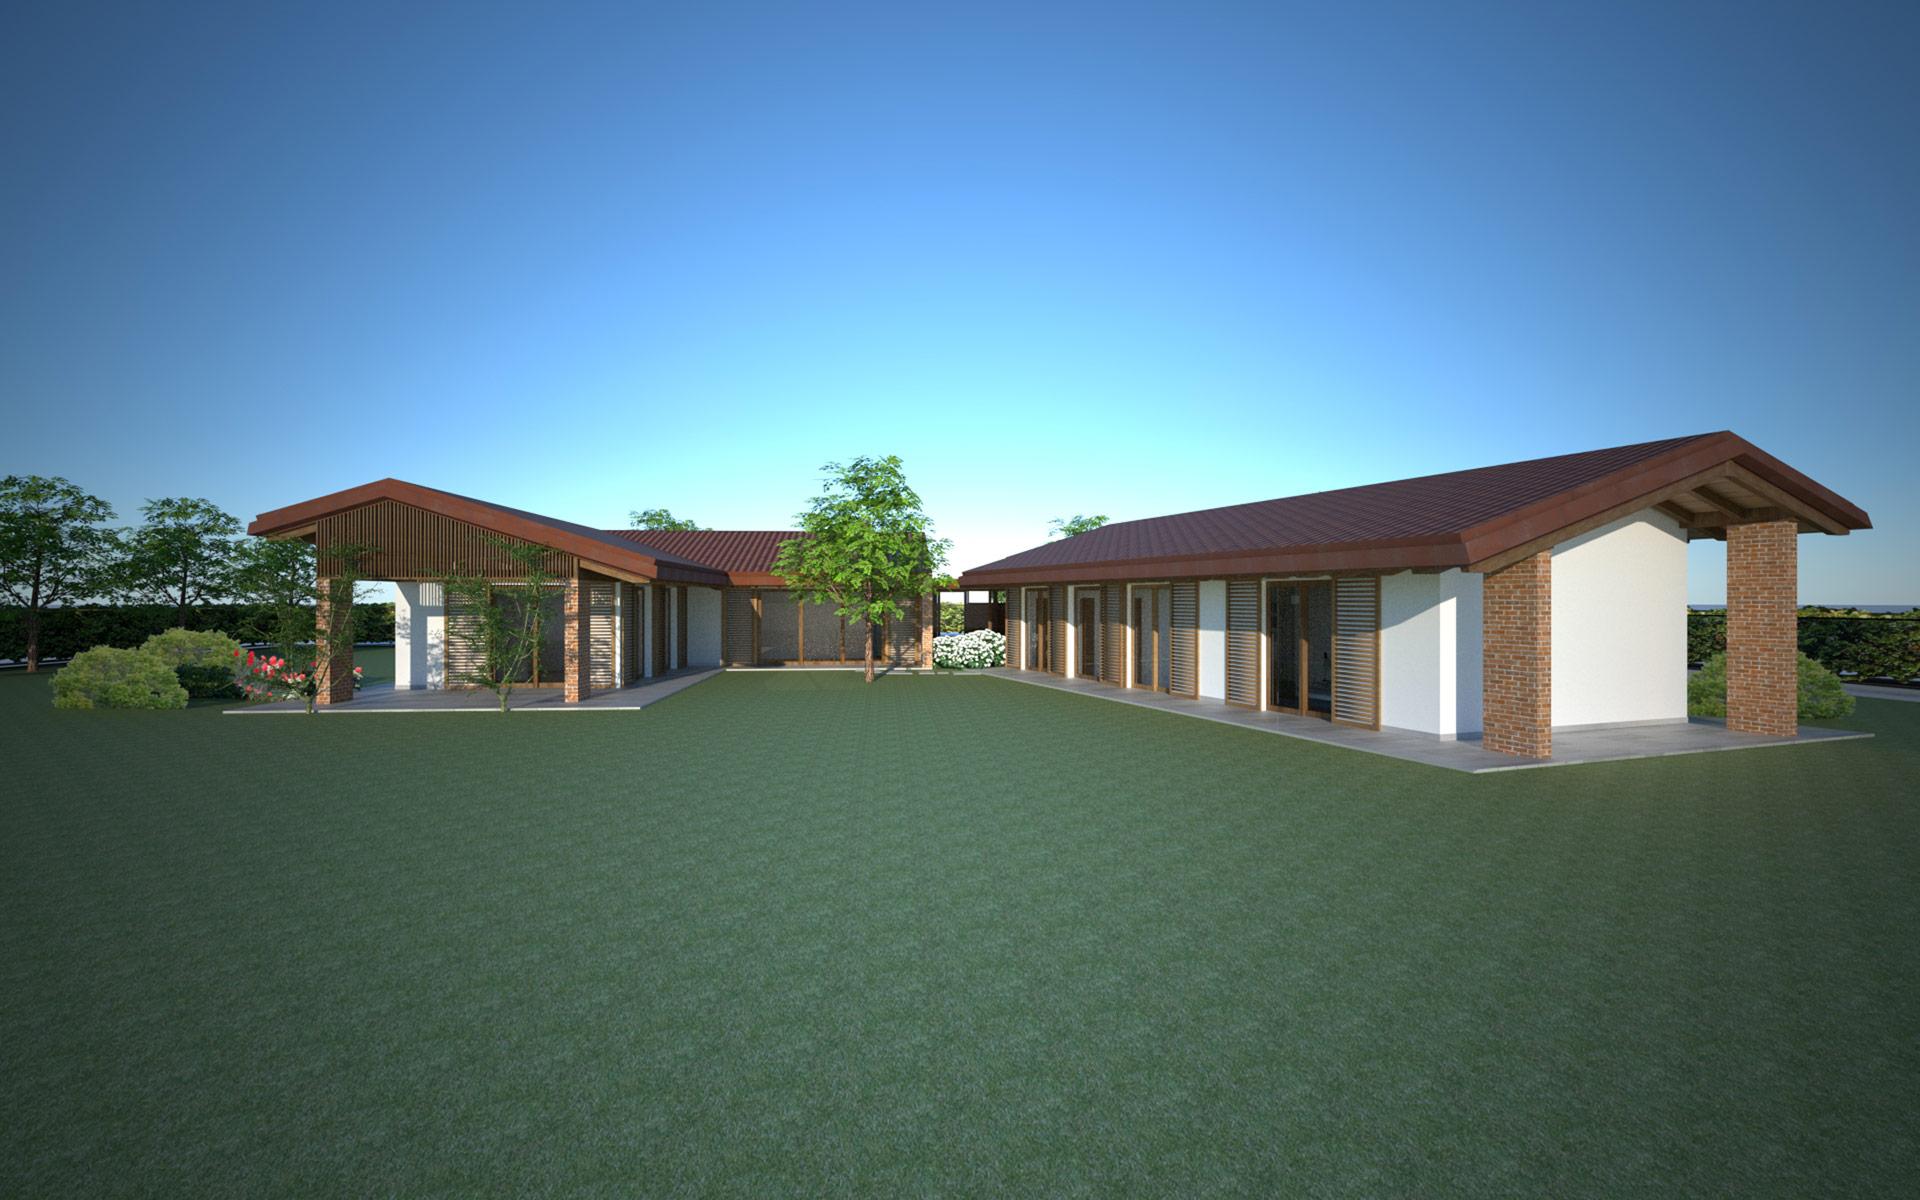 Villa con struttura in legno x lam spresiano globarch for Villa legno